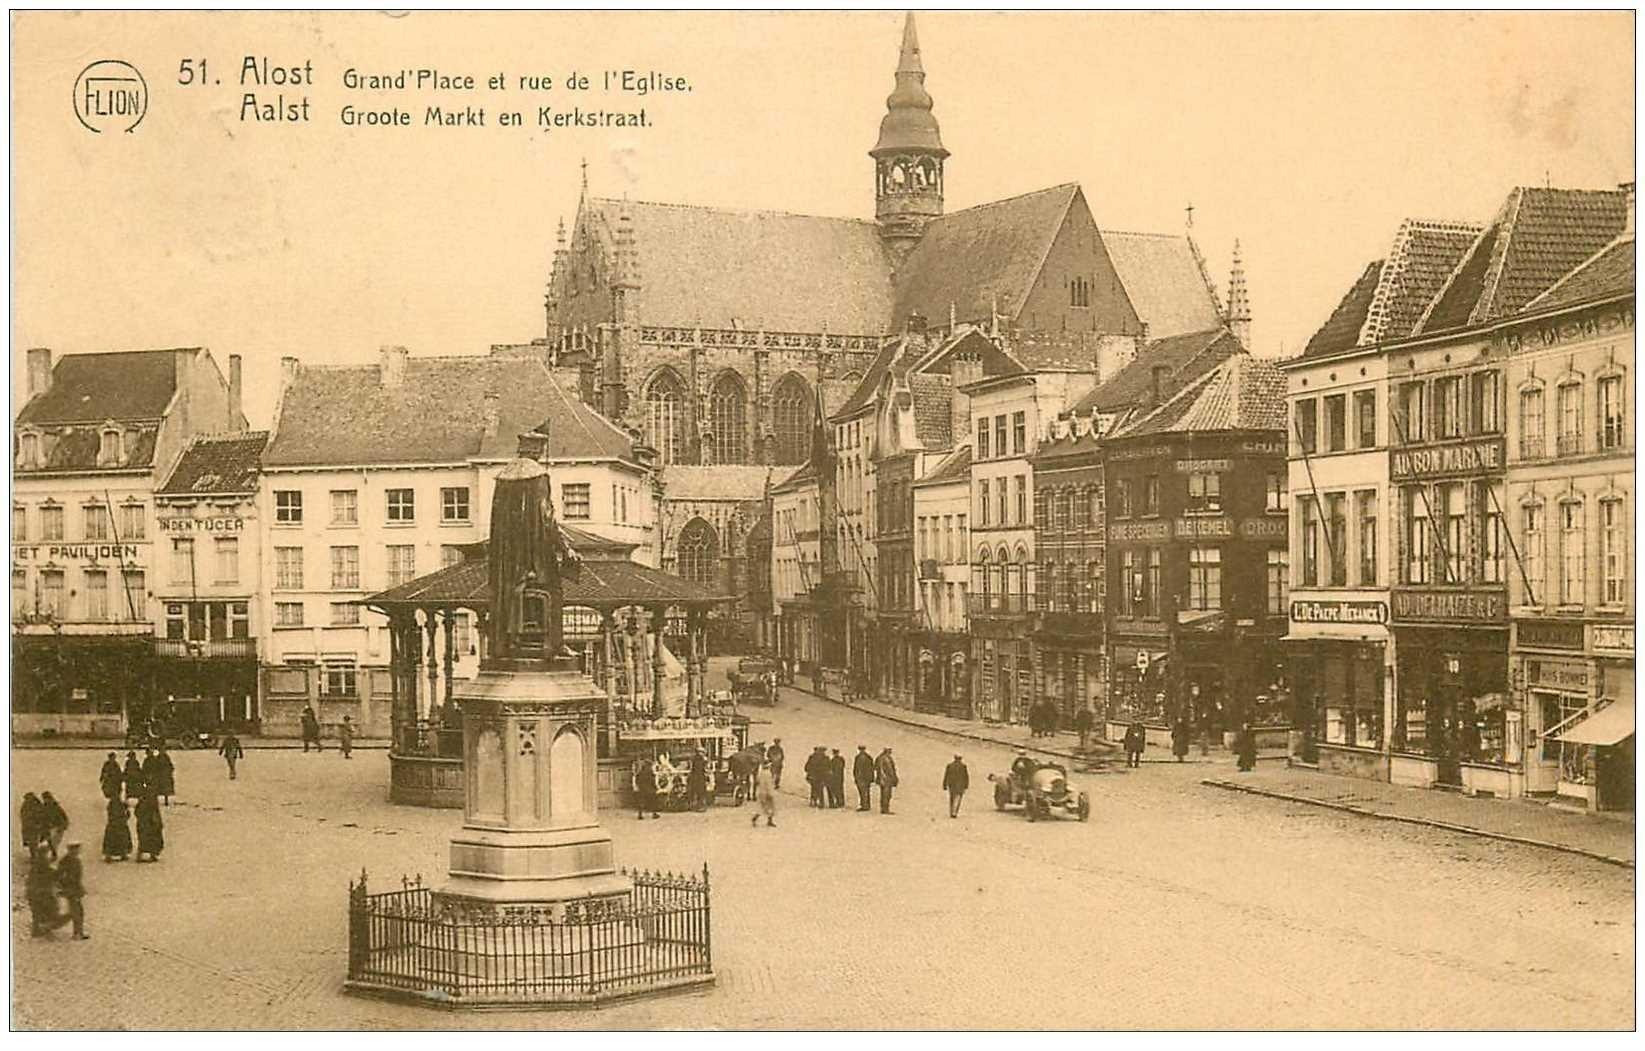 carte postale ancienne Belgique. ALOST AALST. Grand Place et Rue de l'Eglise 1927